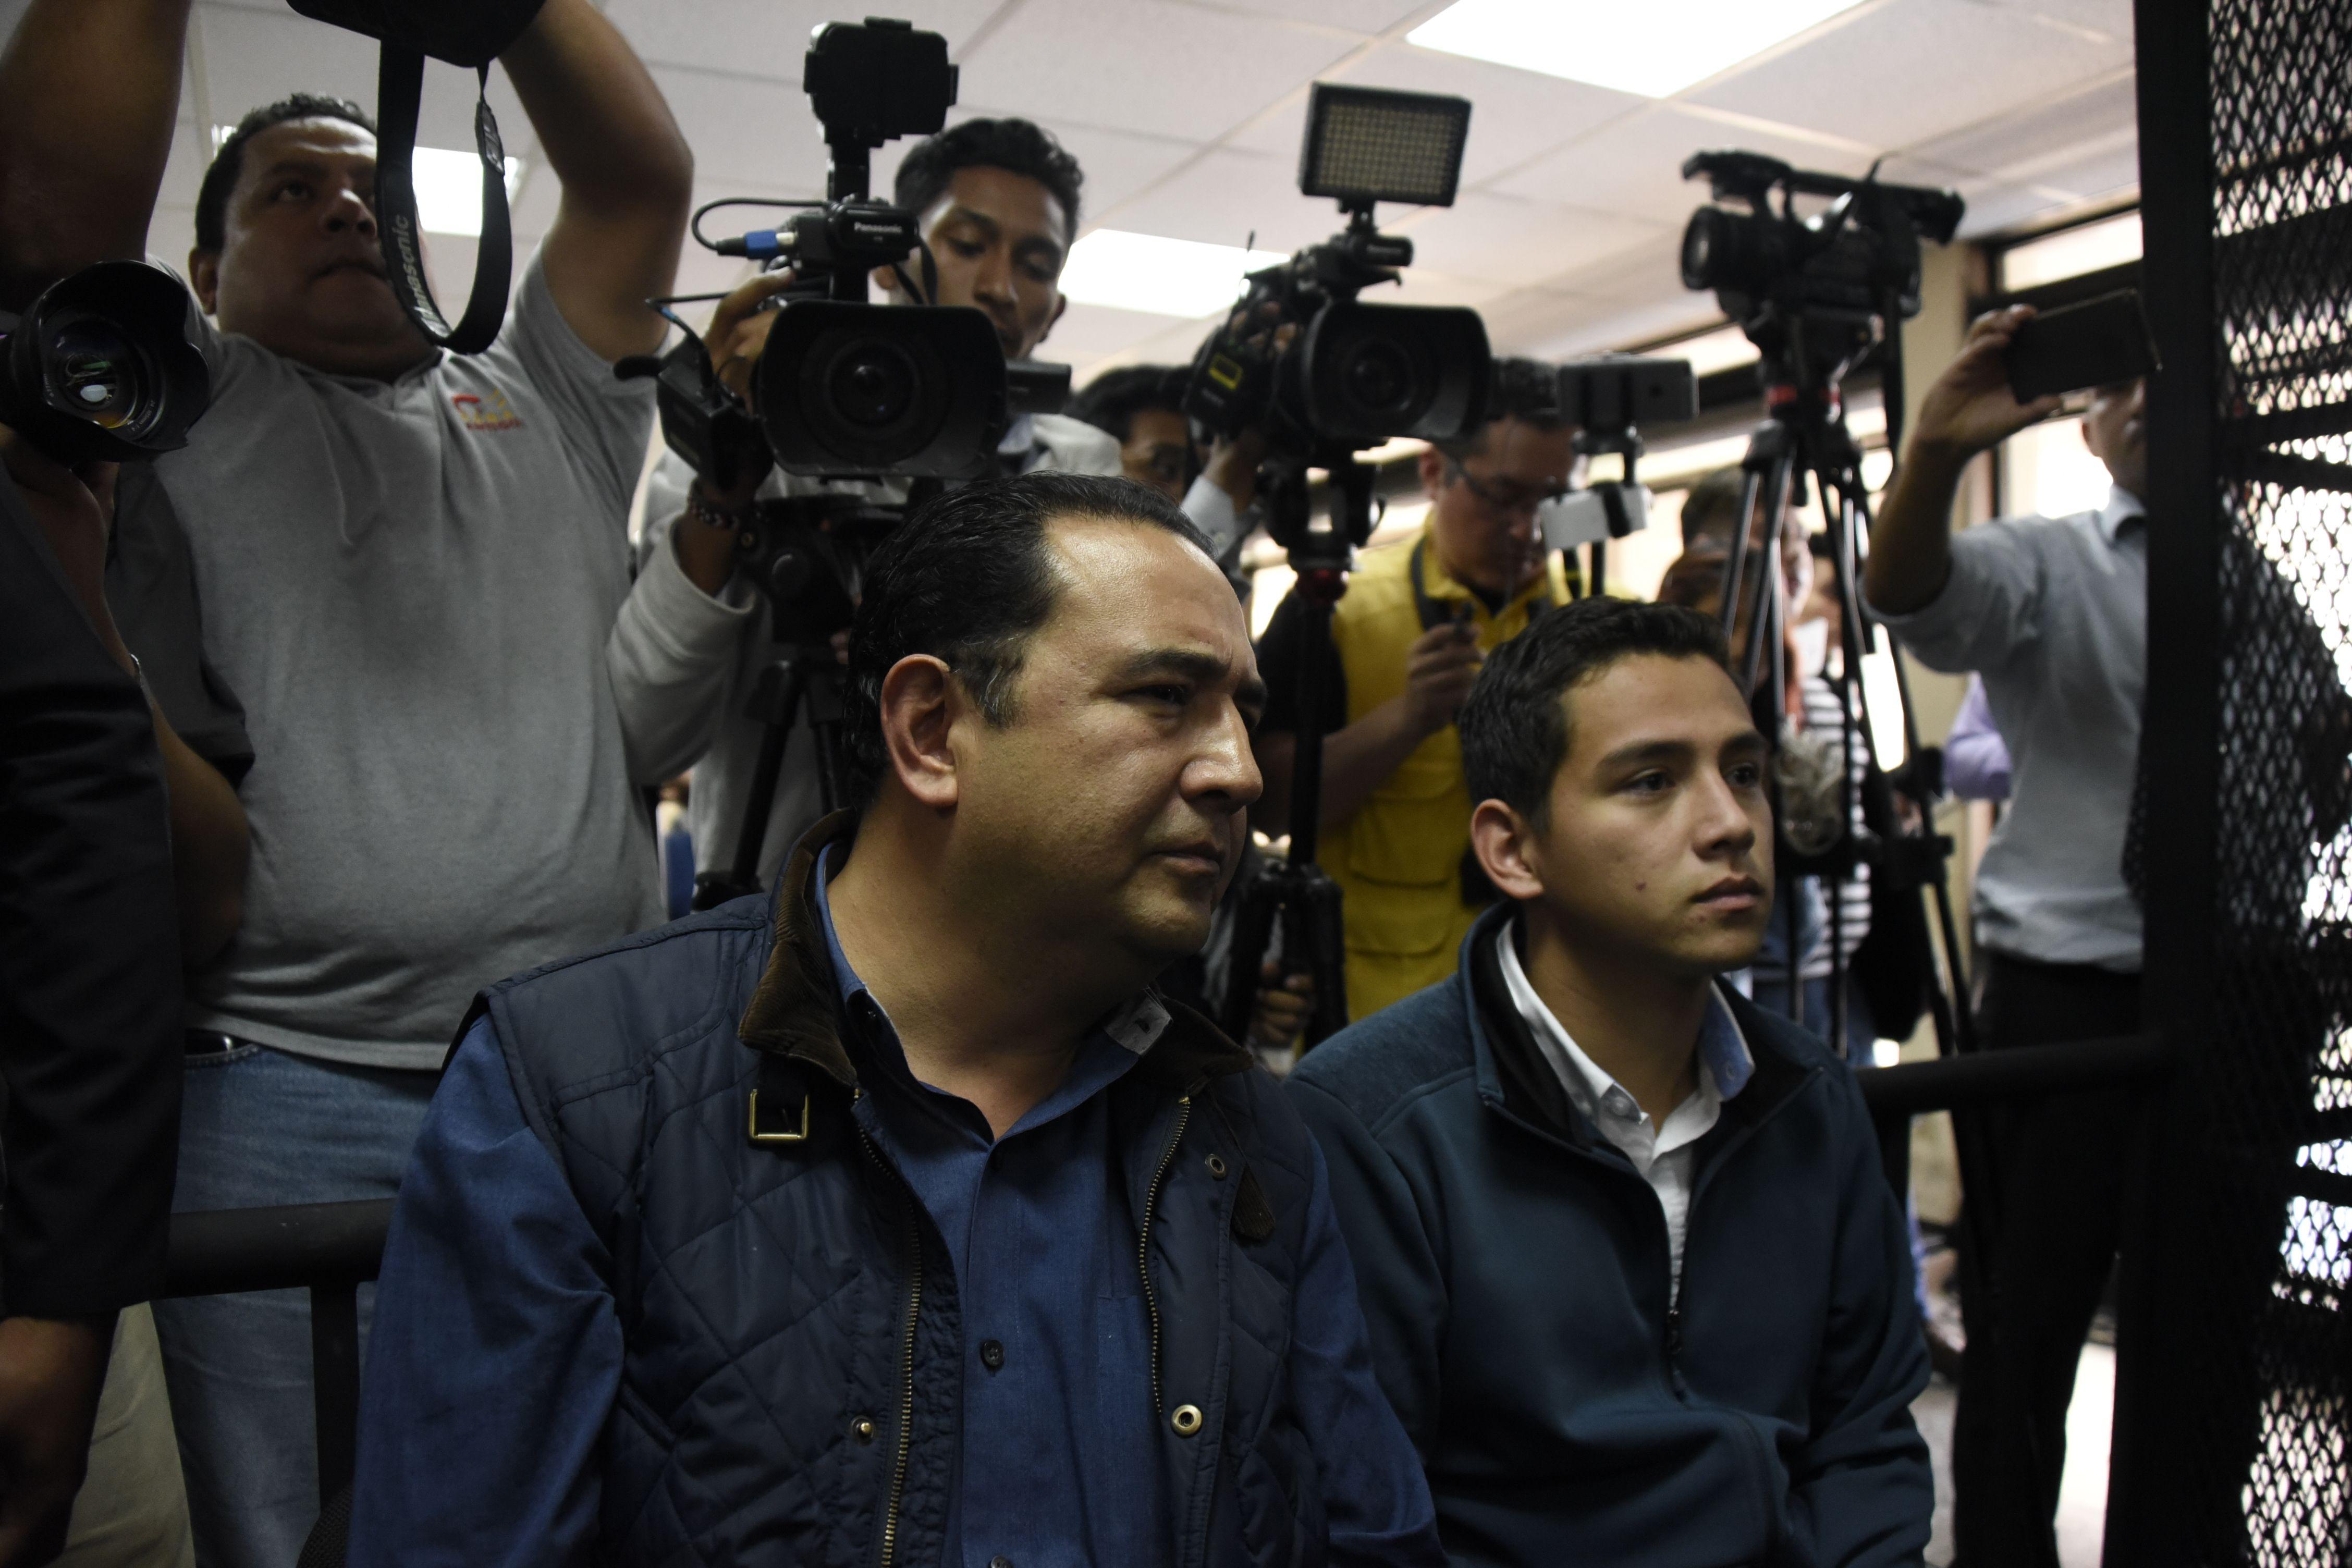 Josué Manuel Morales y Samuel Morales Cabrera comparecen ante la corte en Ciudad de Guatemala. (Crédito: JOHAN ORDONEZ/AFP/Getty Images)